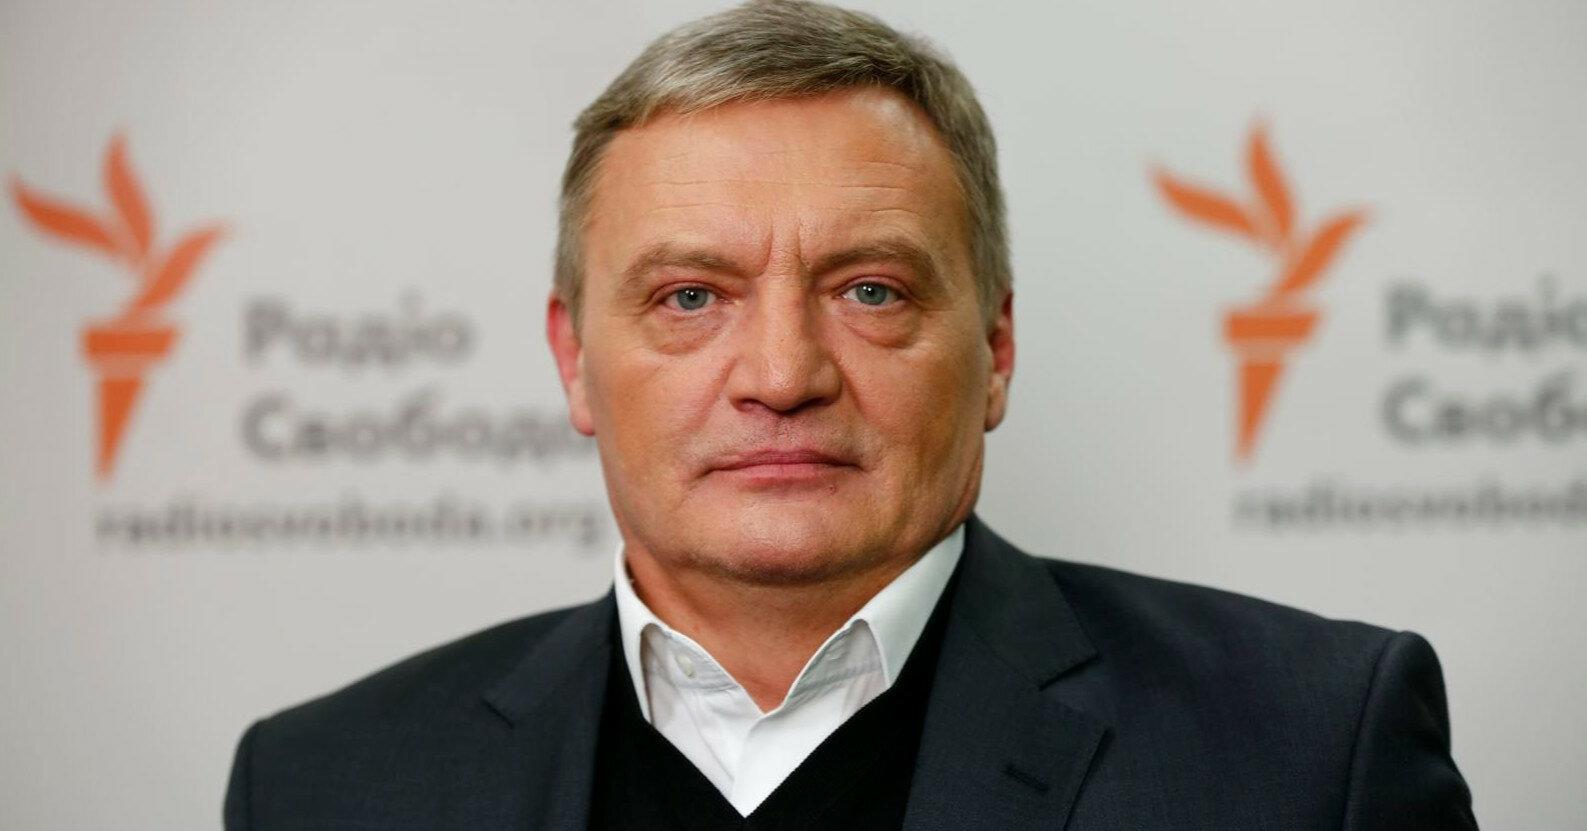 ВСУ вже 3 роки готові до звільнення Донбасу – Гримчак